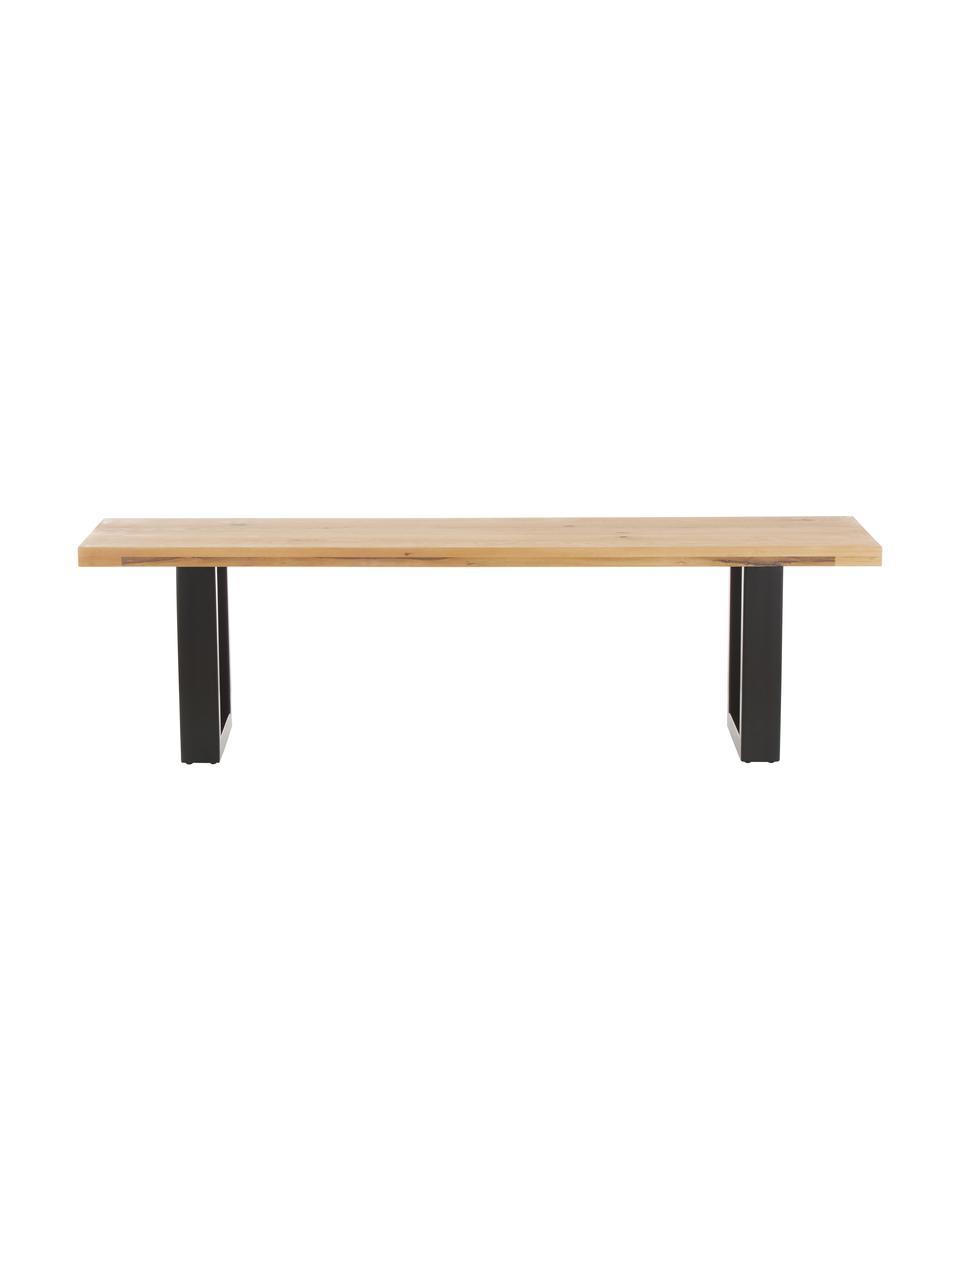 Panca in legno di quercia Oliver, Seduta: doghe di quercia selvatic, Gambe: metallo verniciato a polv, Quercia selvatica, Larg. 160 x Alt. 45 cm